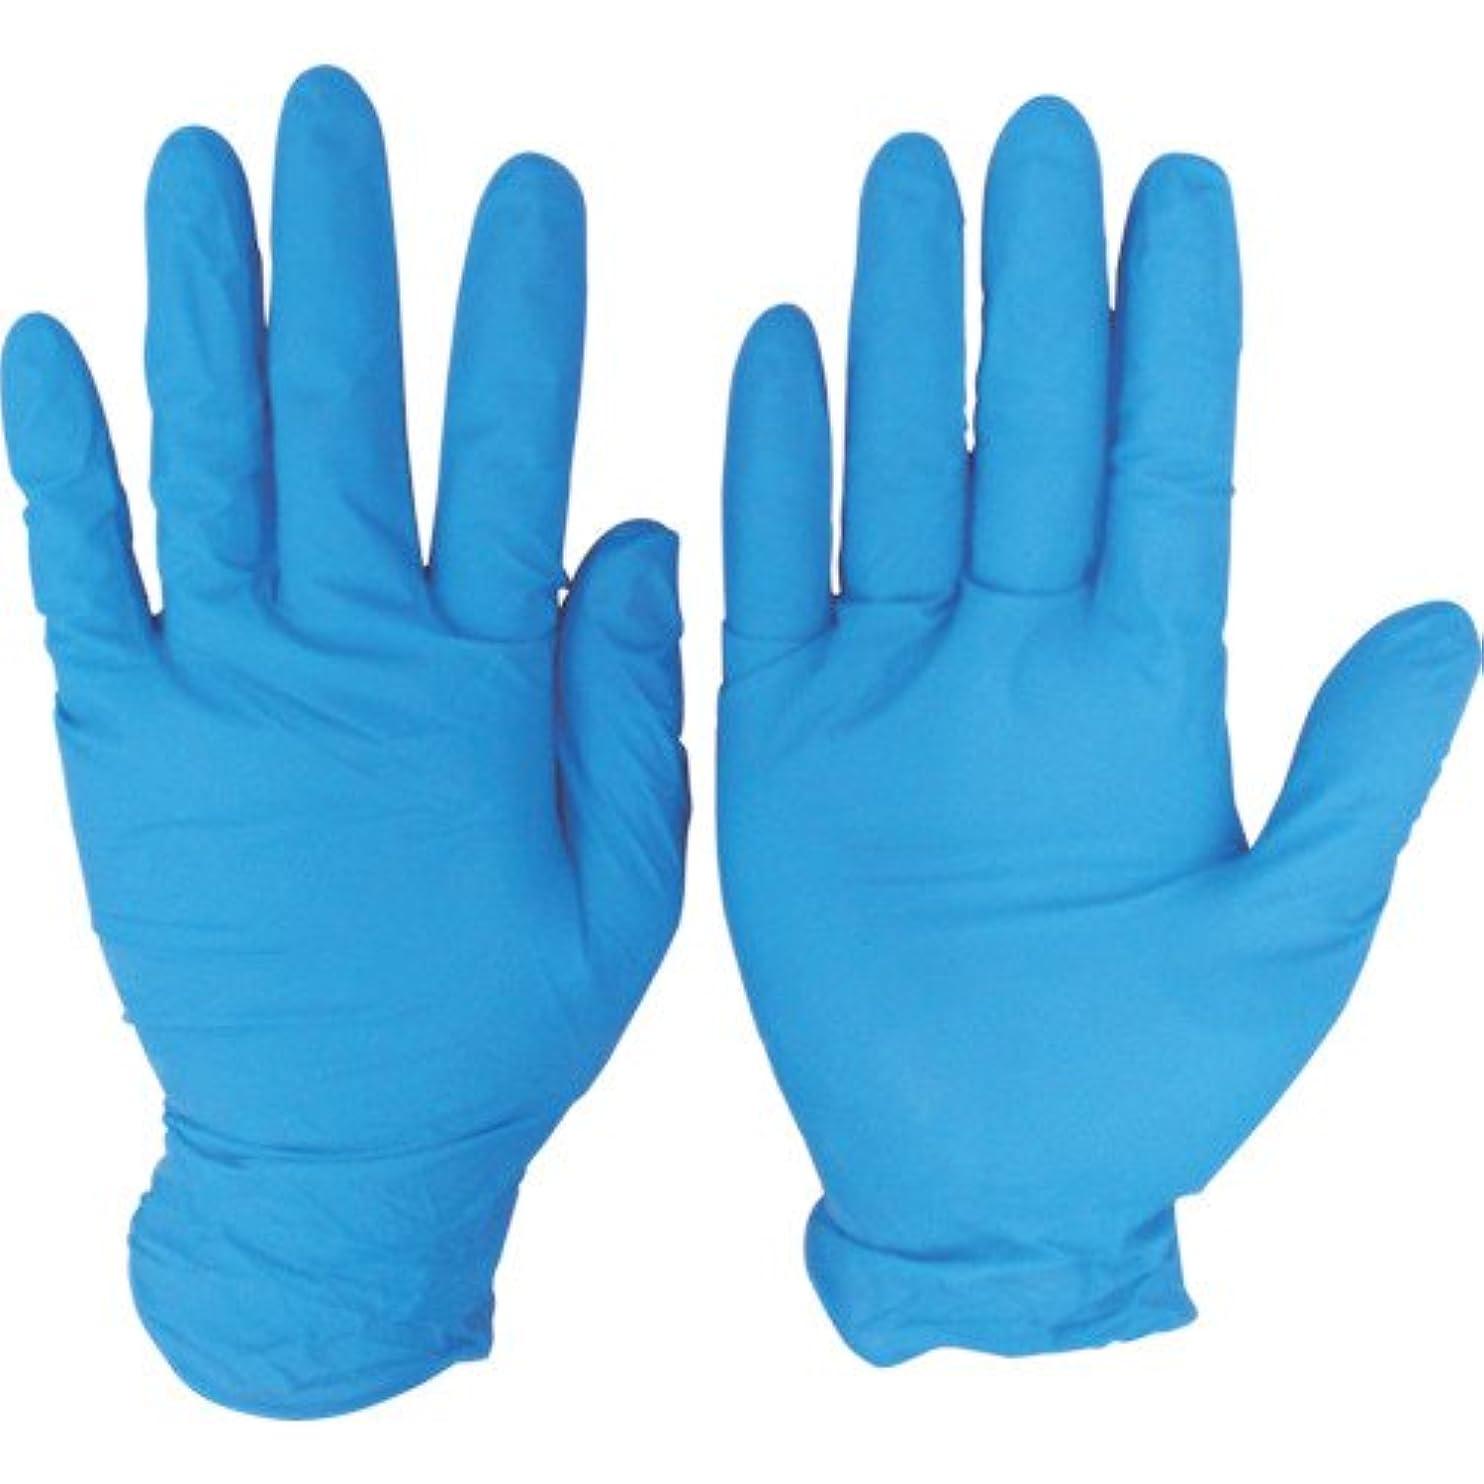 責任者筋肉の産地シンガー ニトリルディスポグローブ(手袋) No.810 ブルー パウダーフリー(100枚) SS